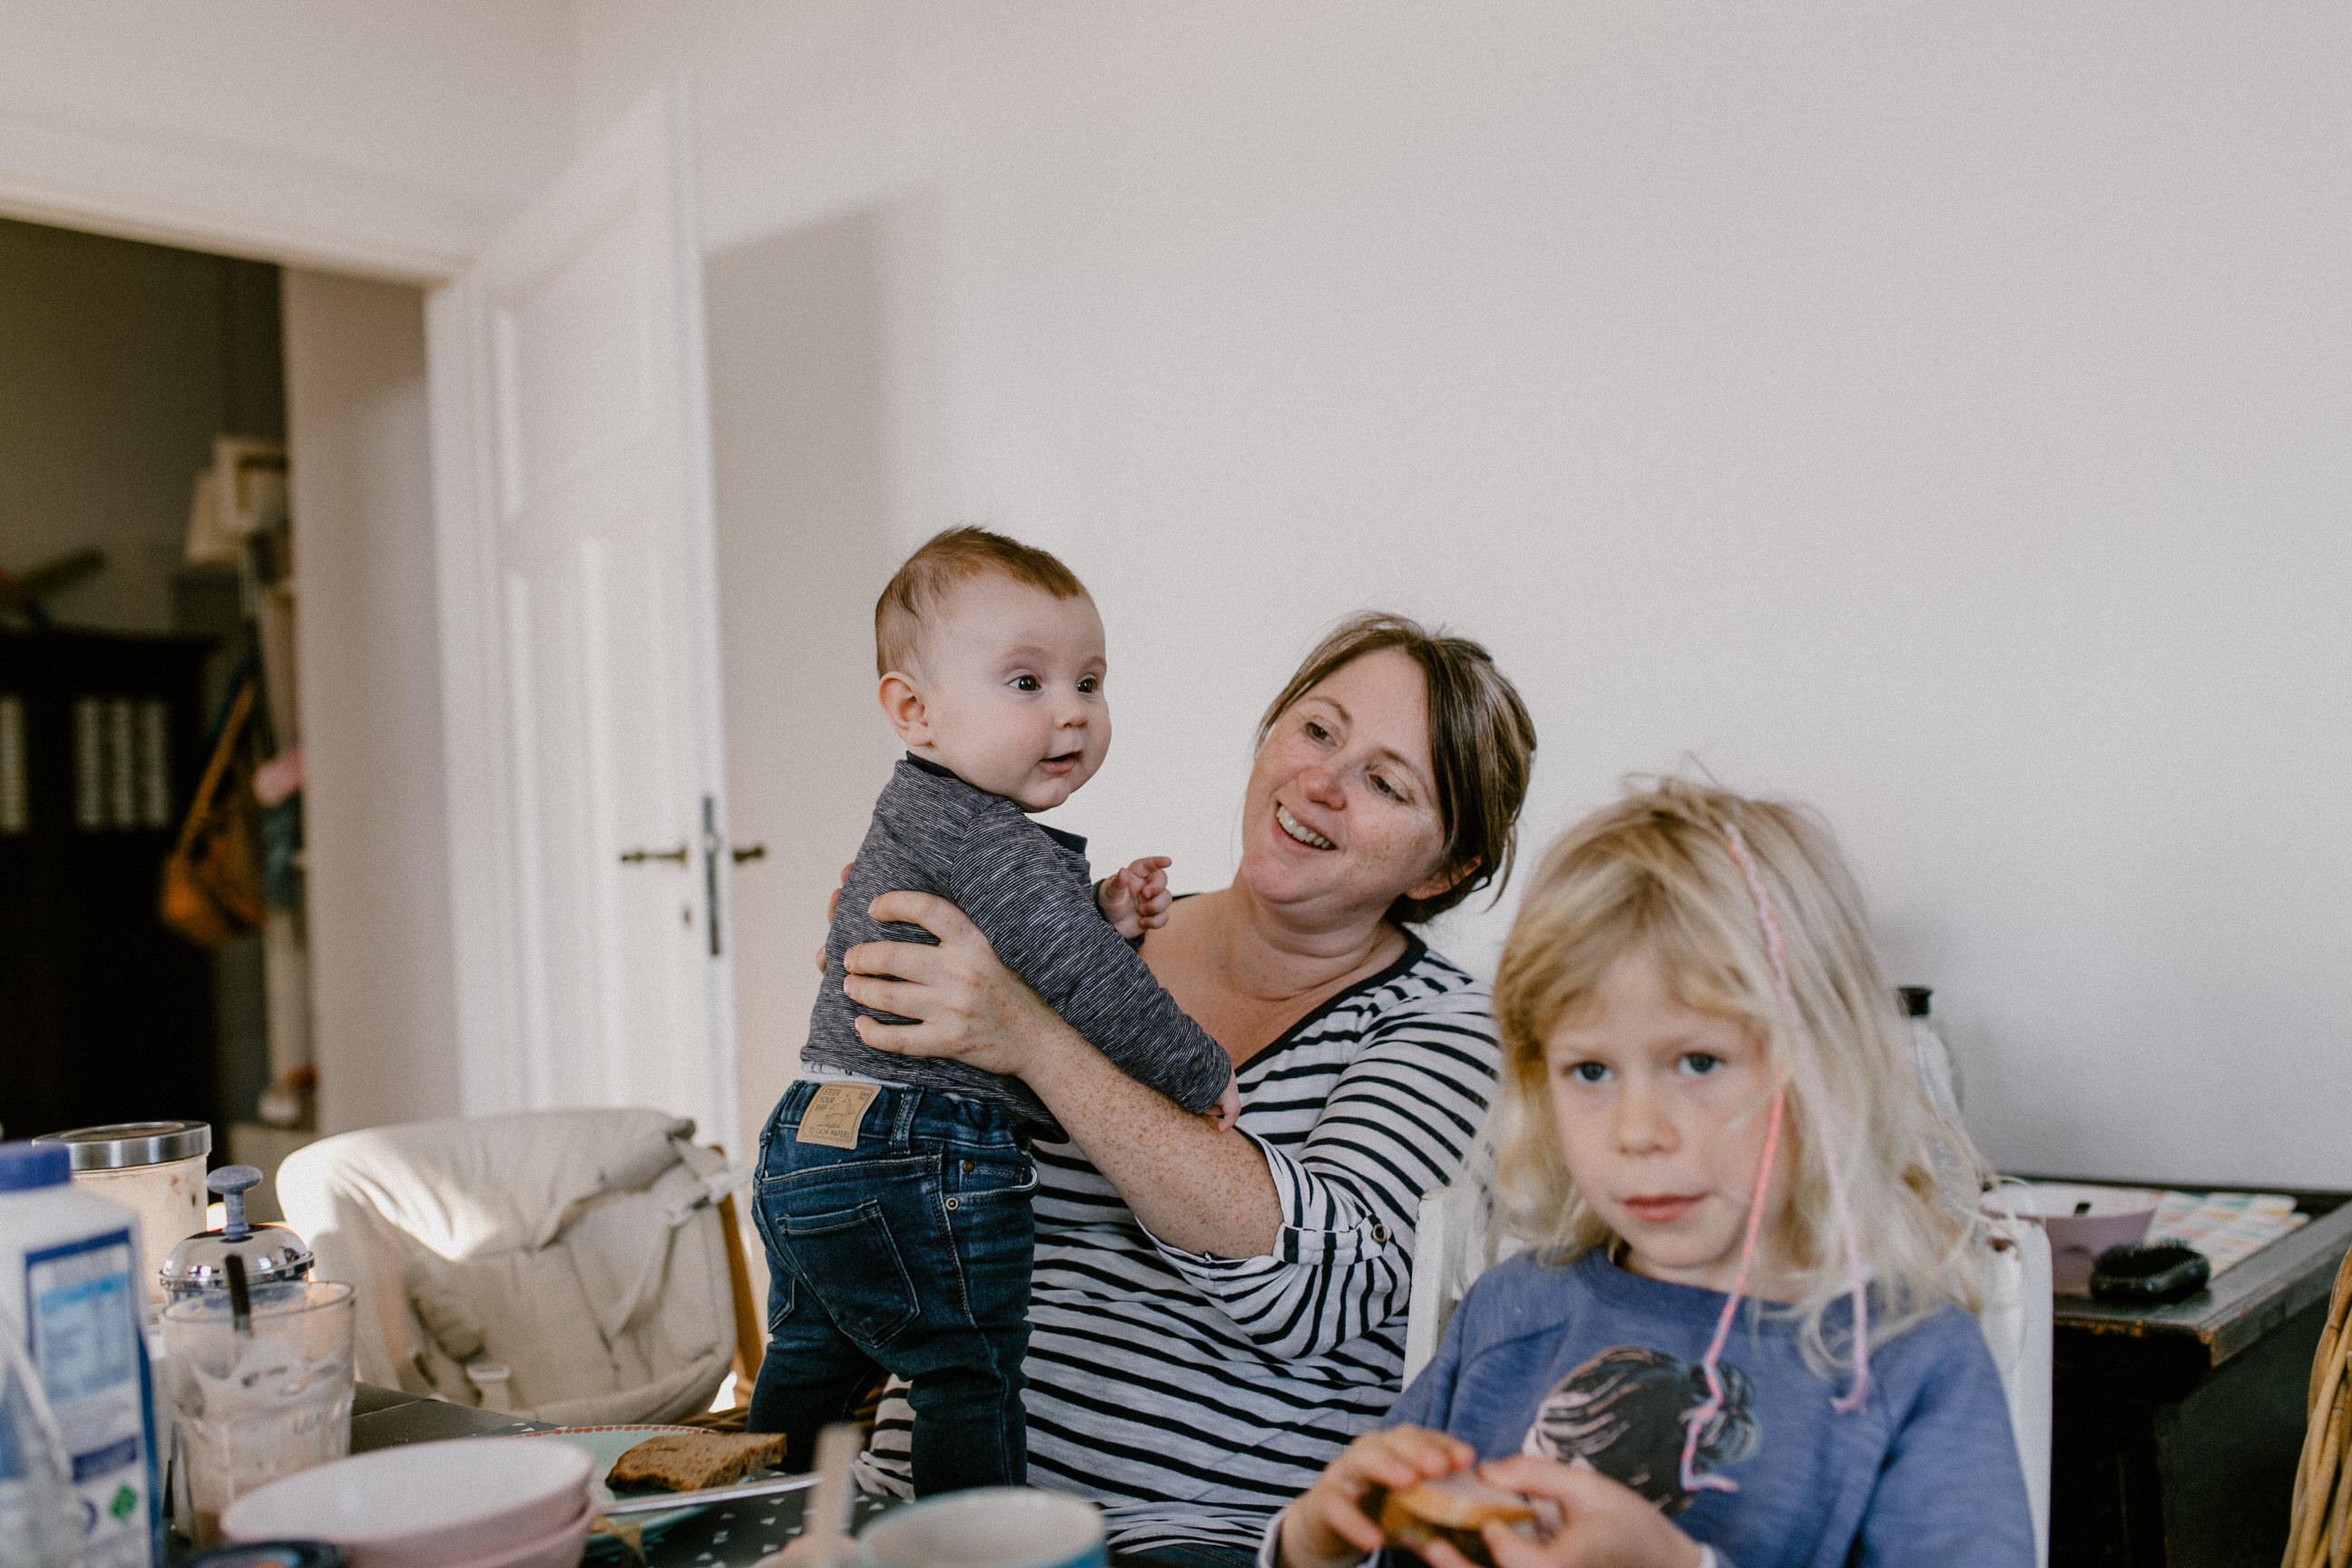 Familienbilder - Homestory